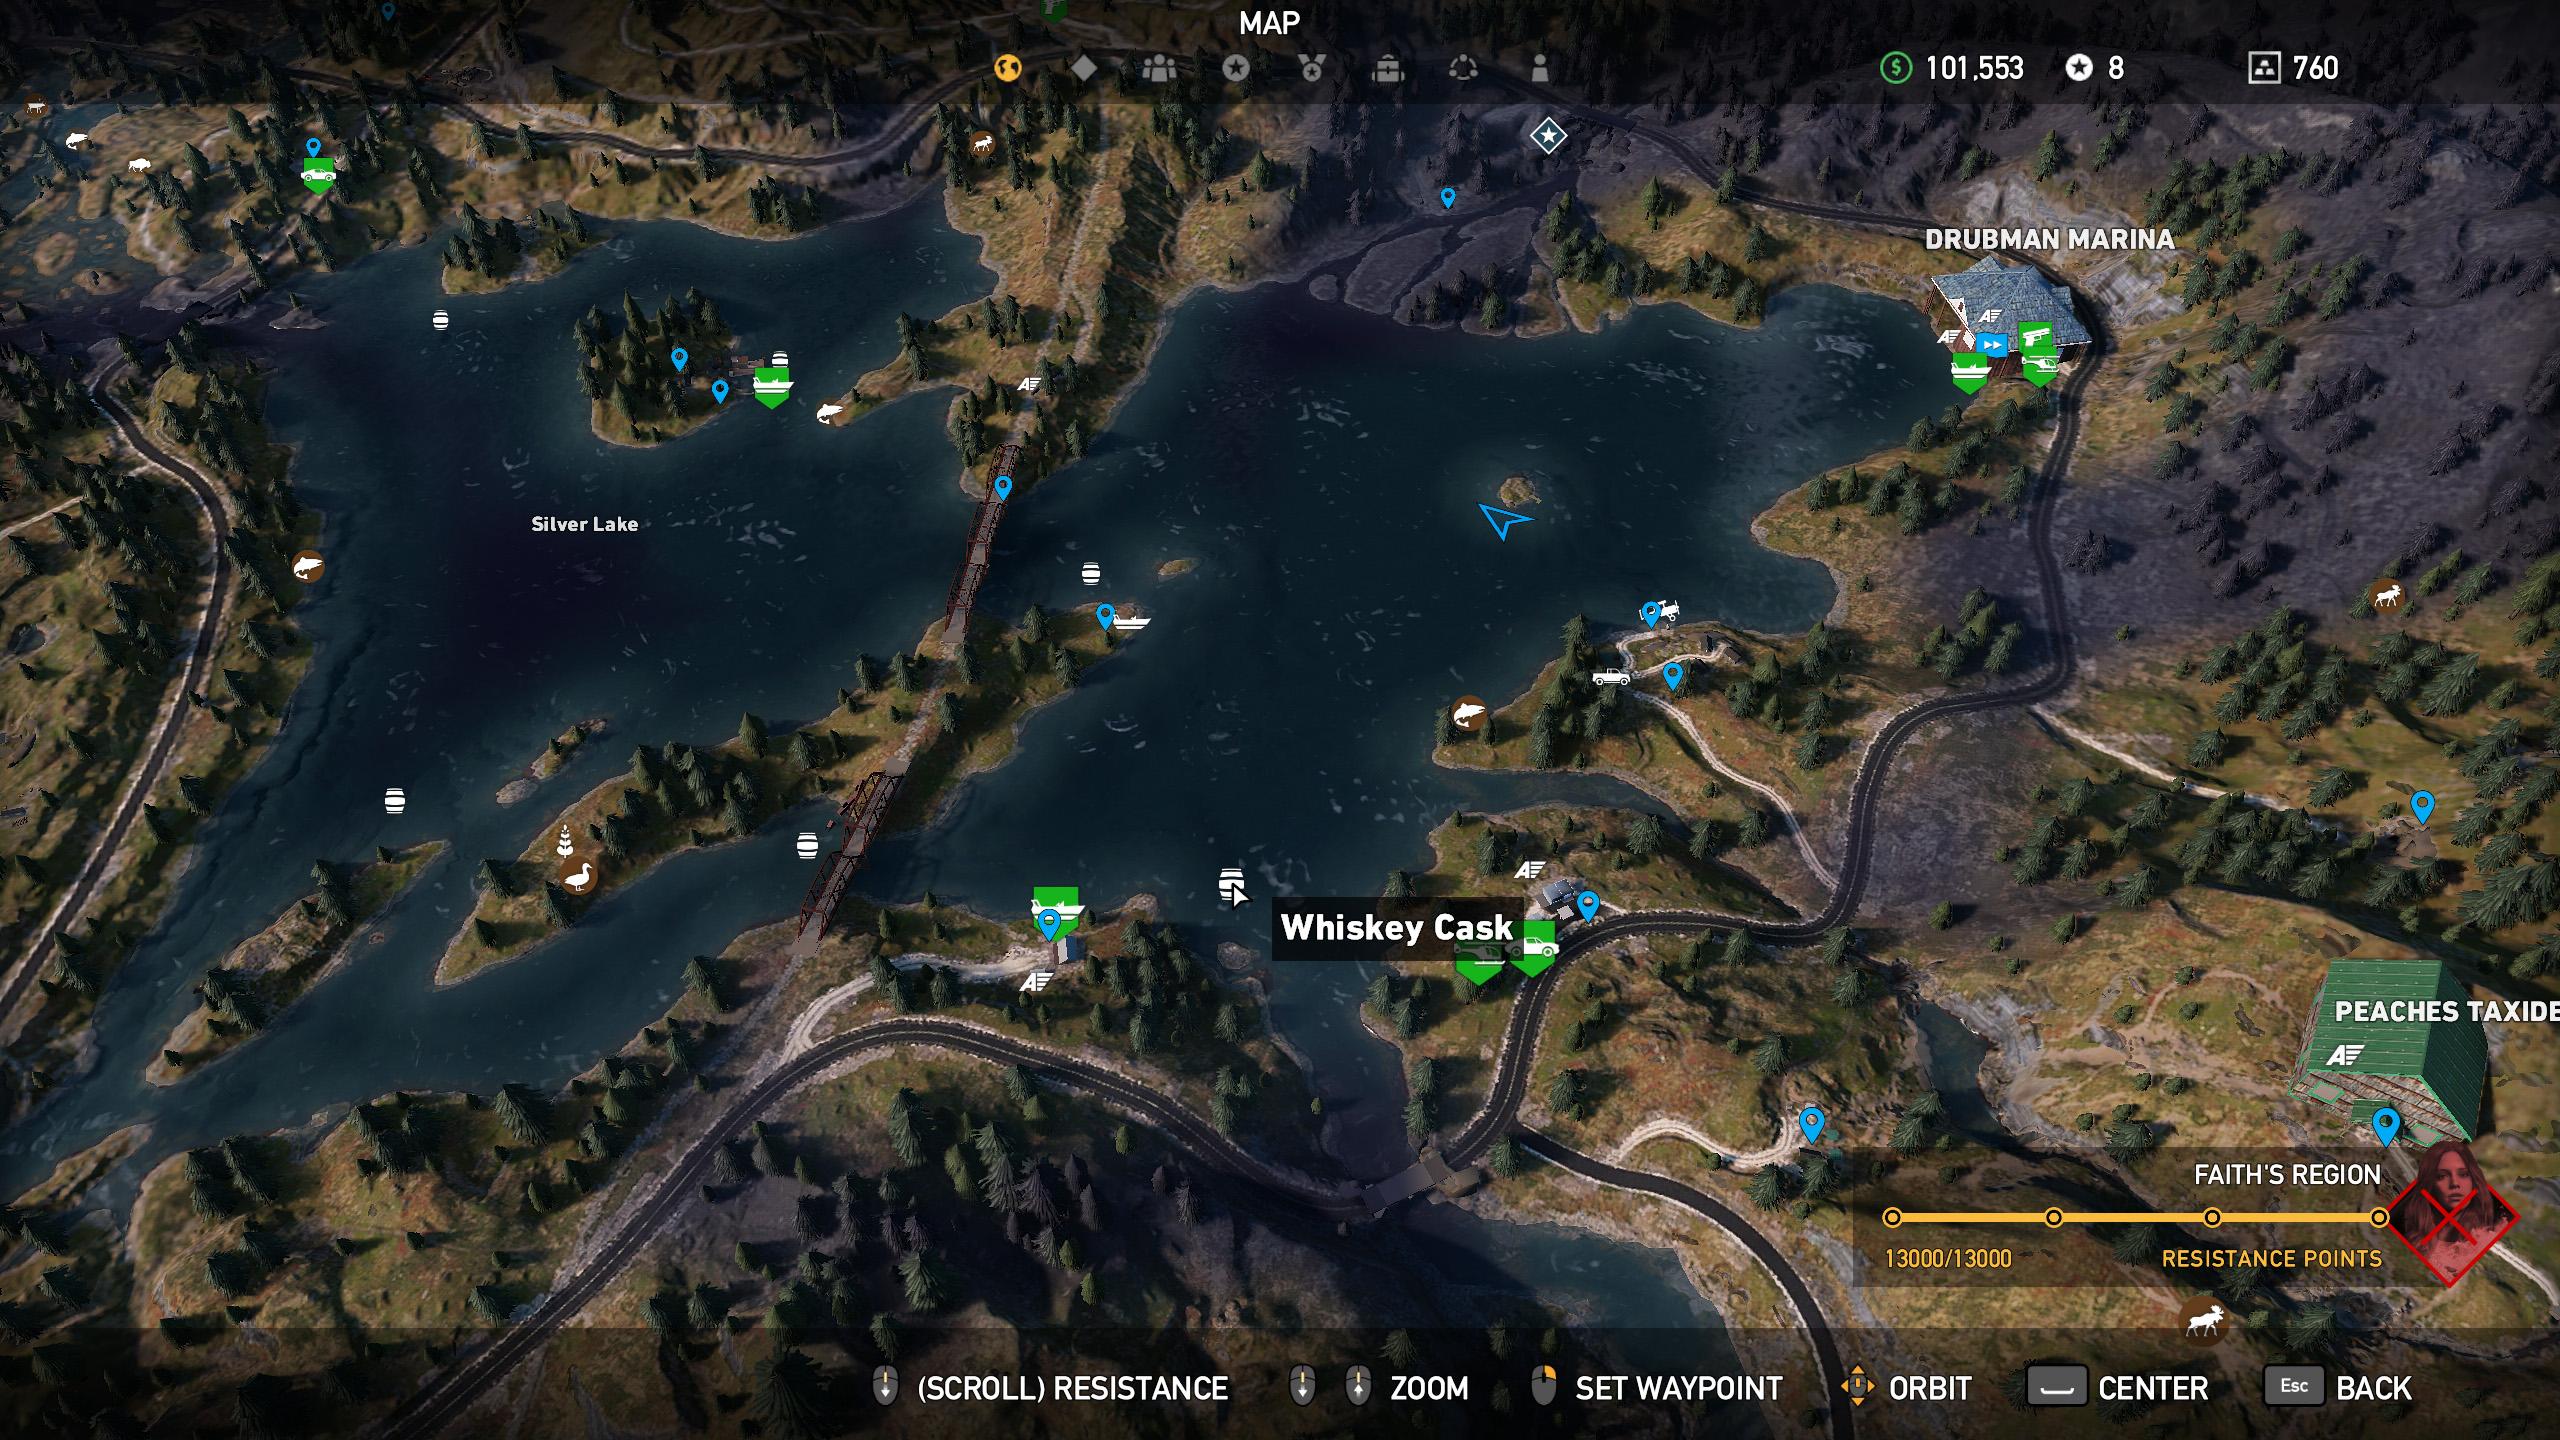 Far Cry 5 whiskey barrel location 2